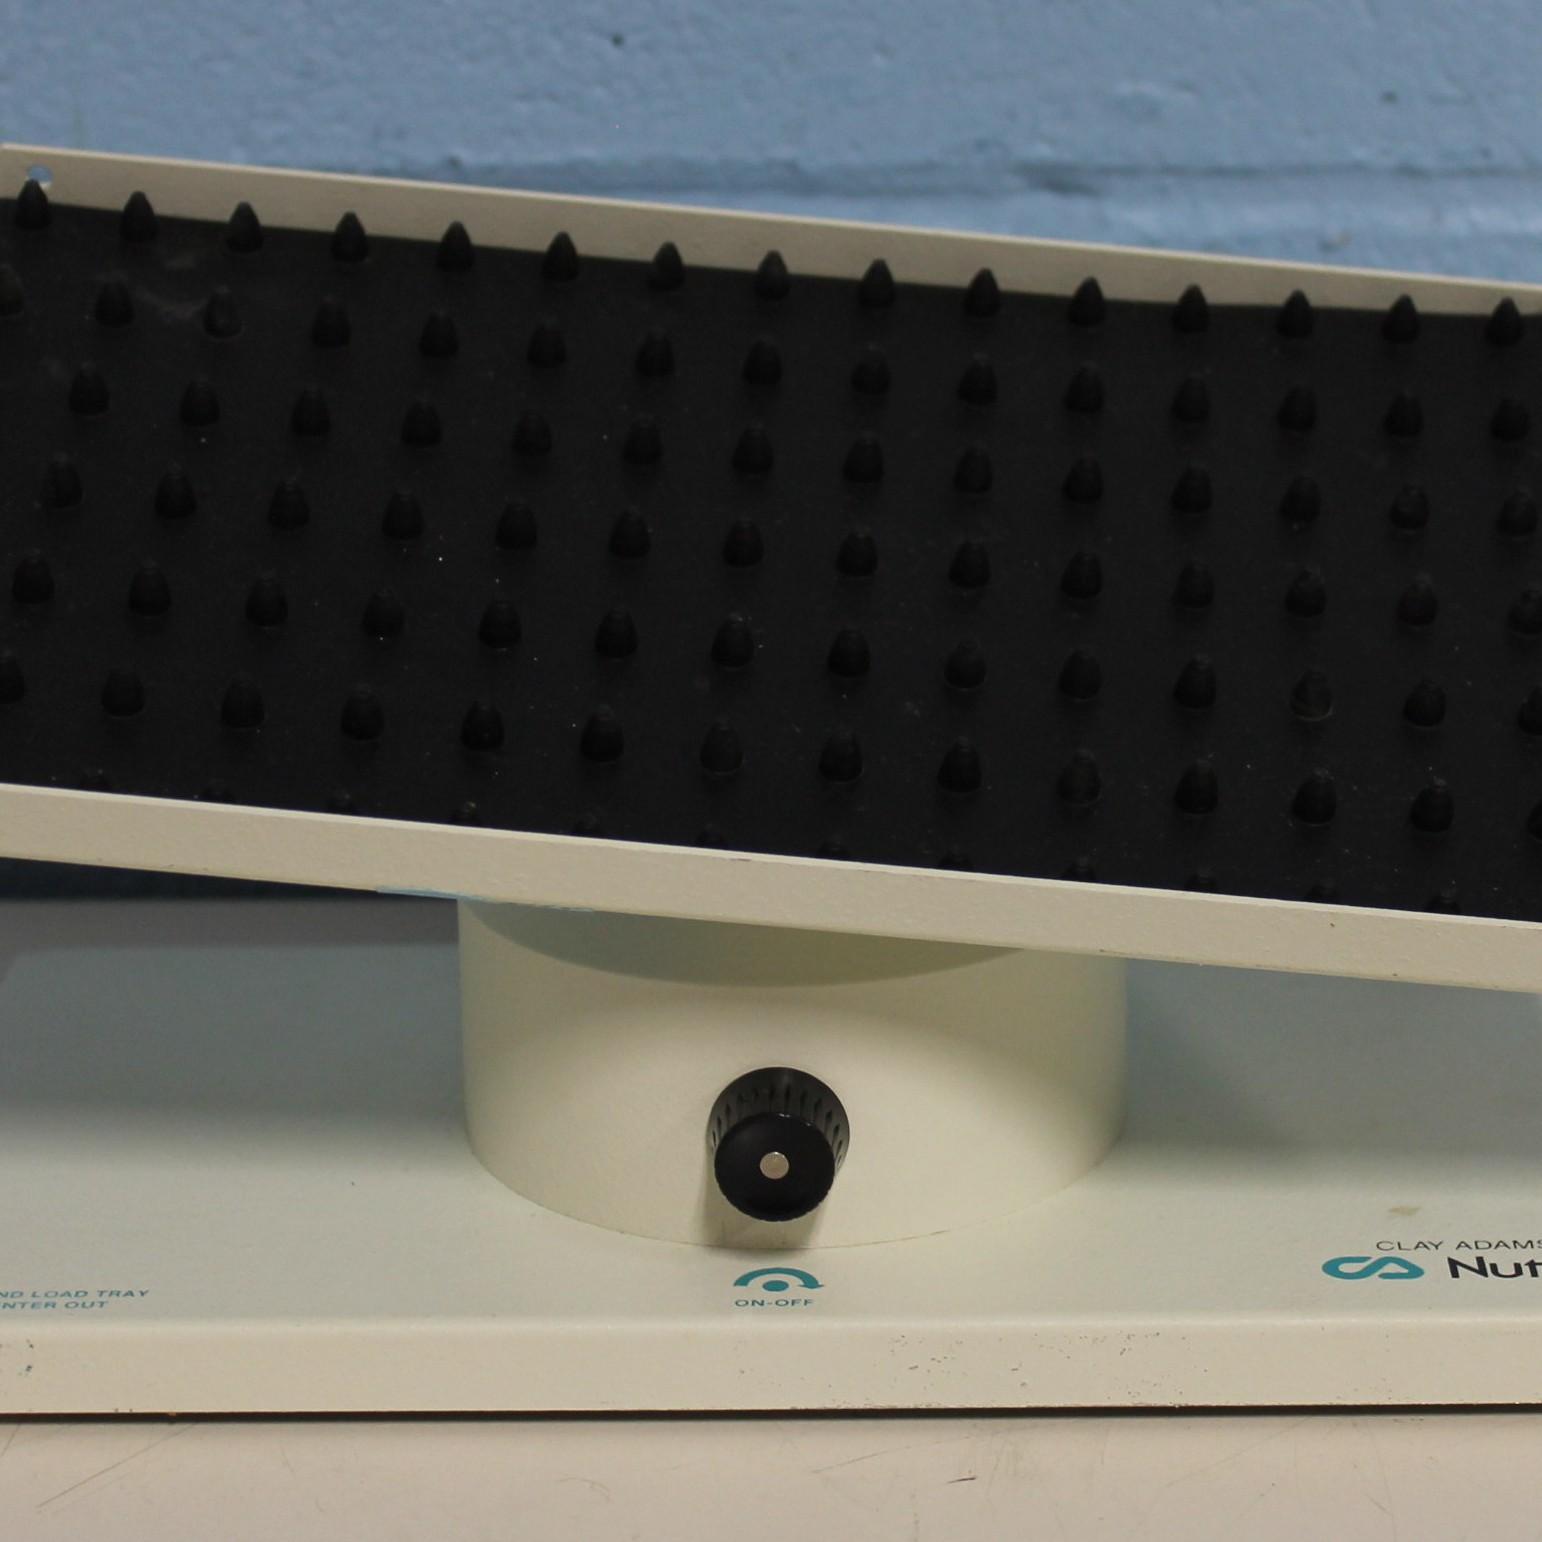 Nutator Model 421105